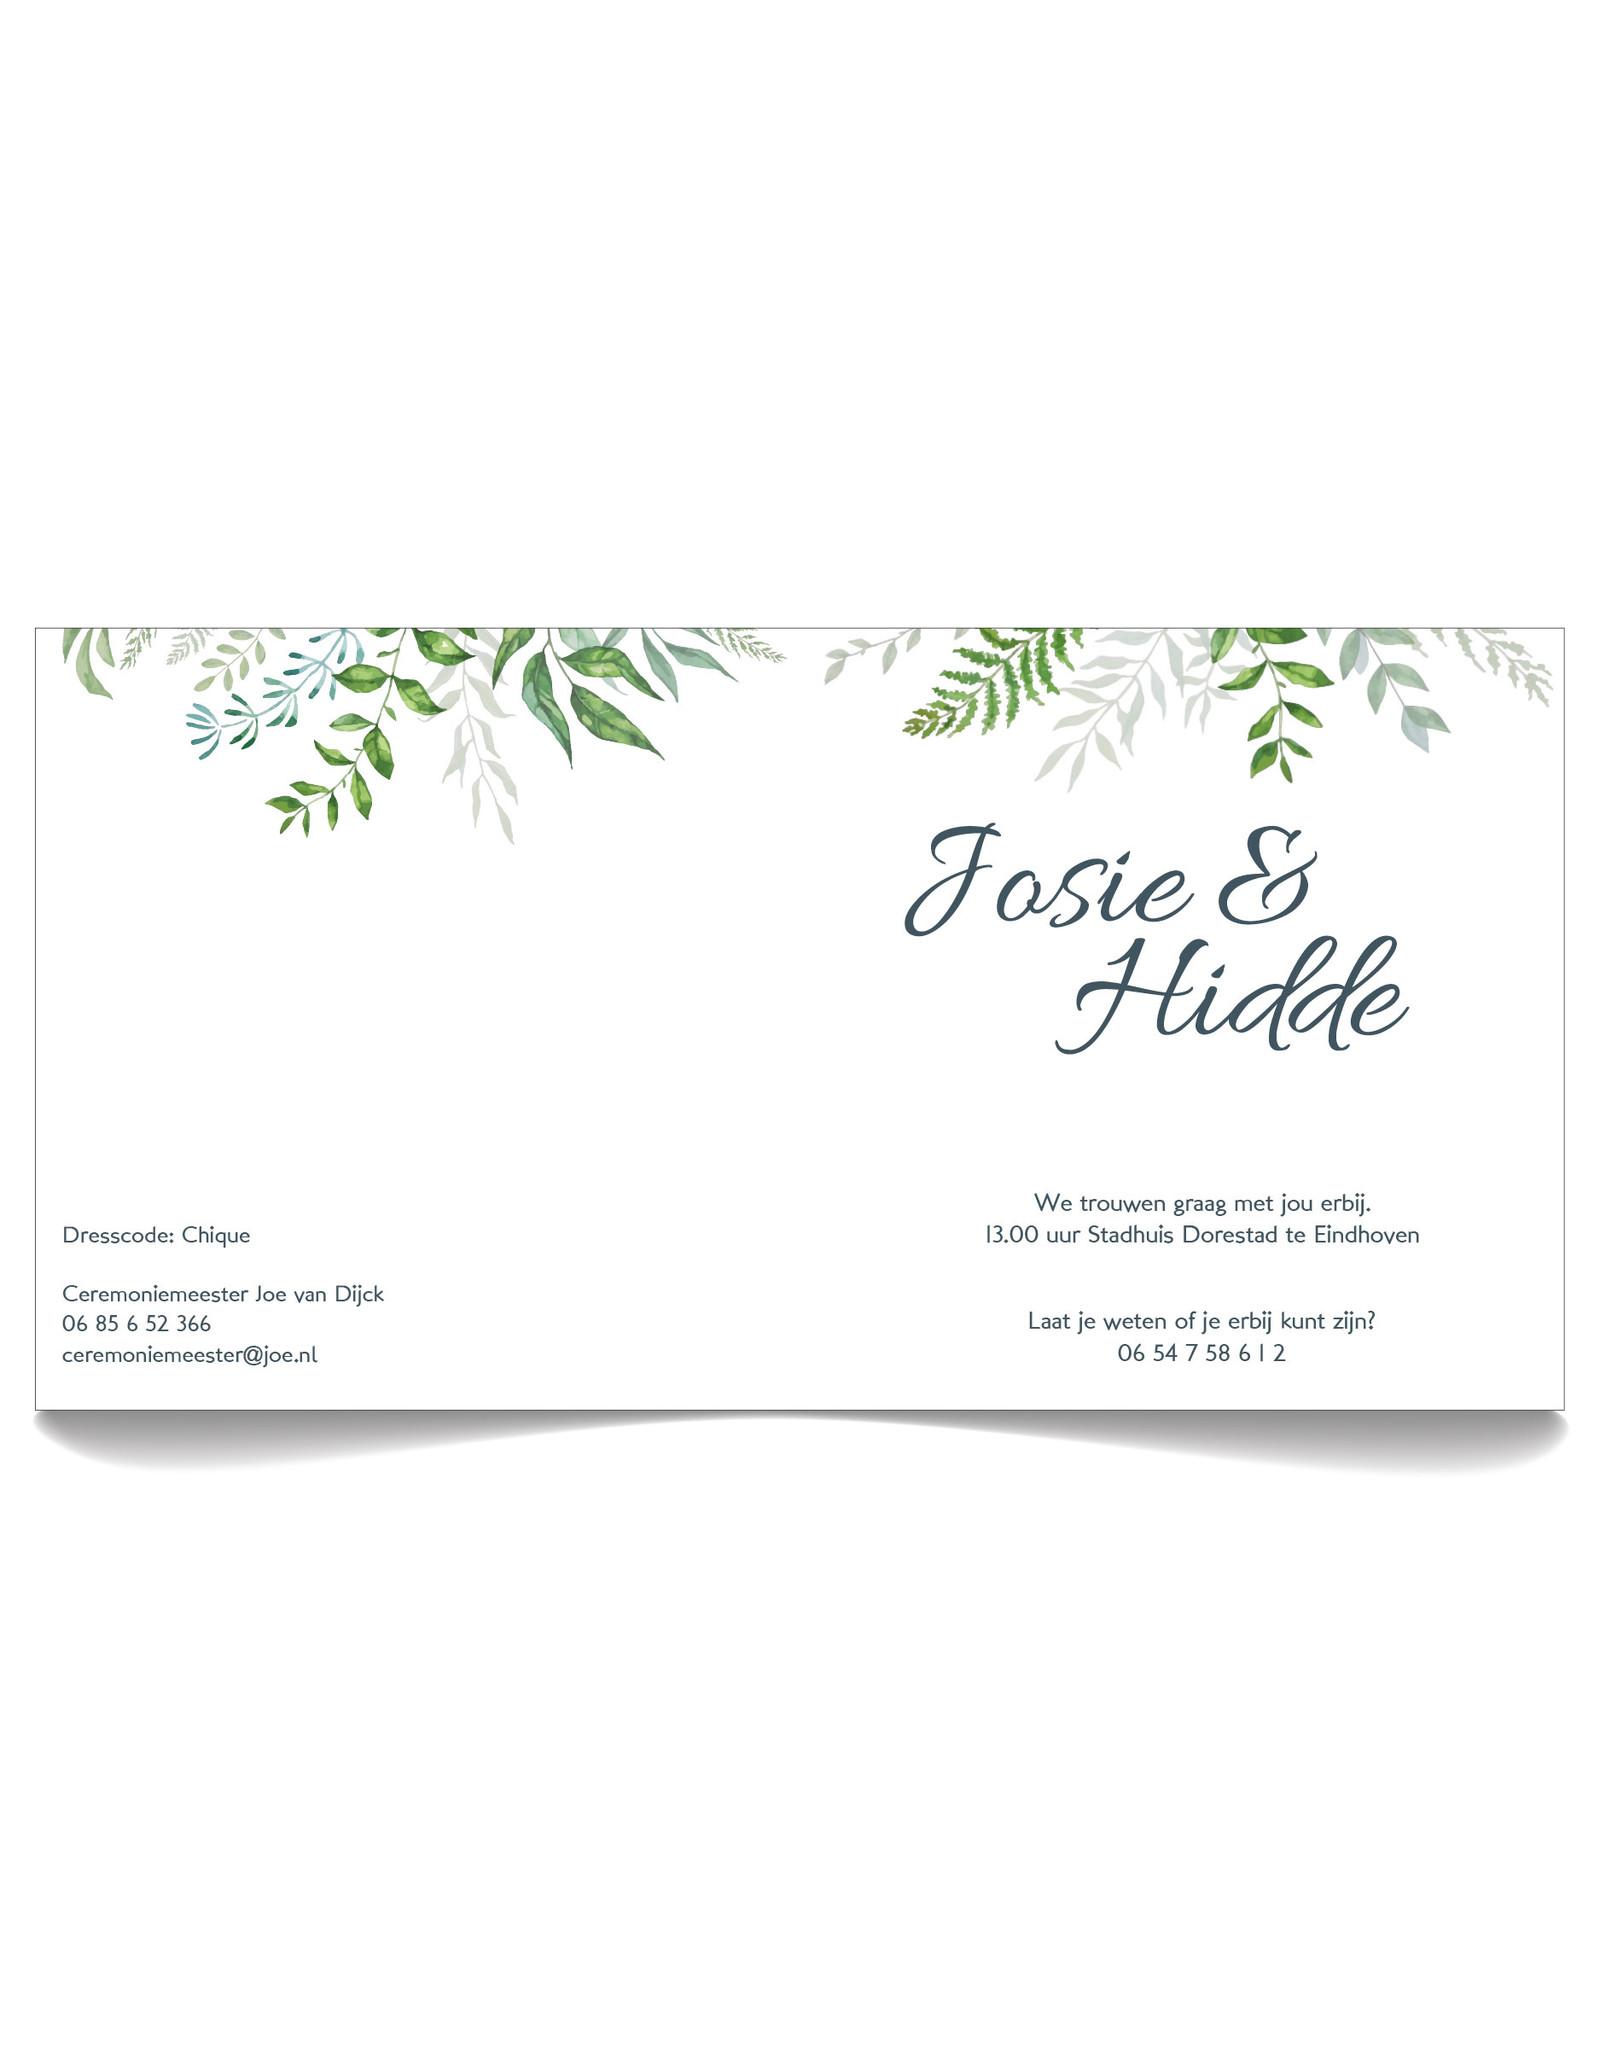 www.Robin.cards Trouwkaarten luxe vierkant gevouwen Hidde en Josie